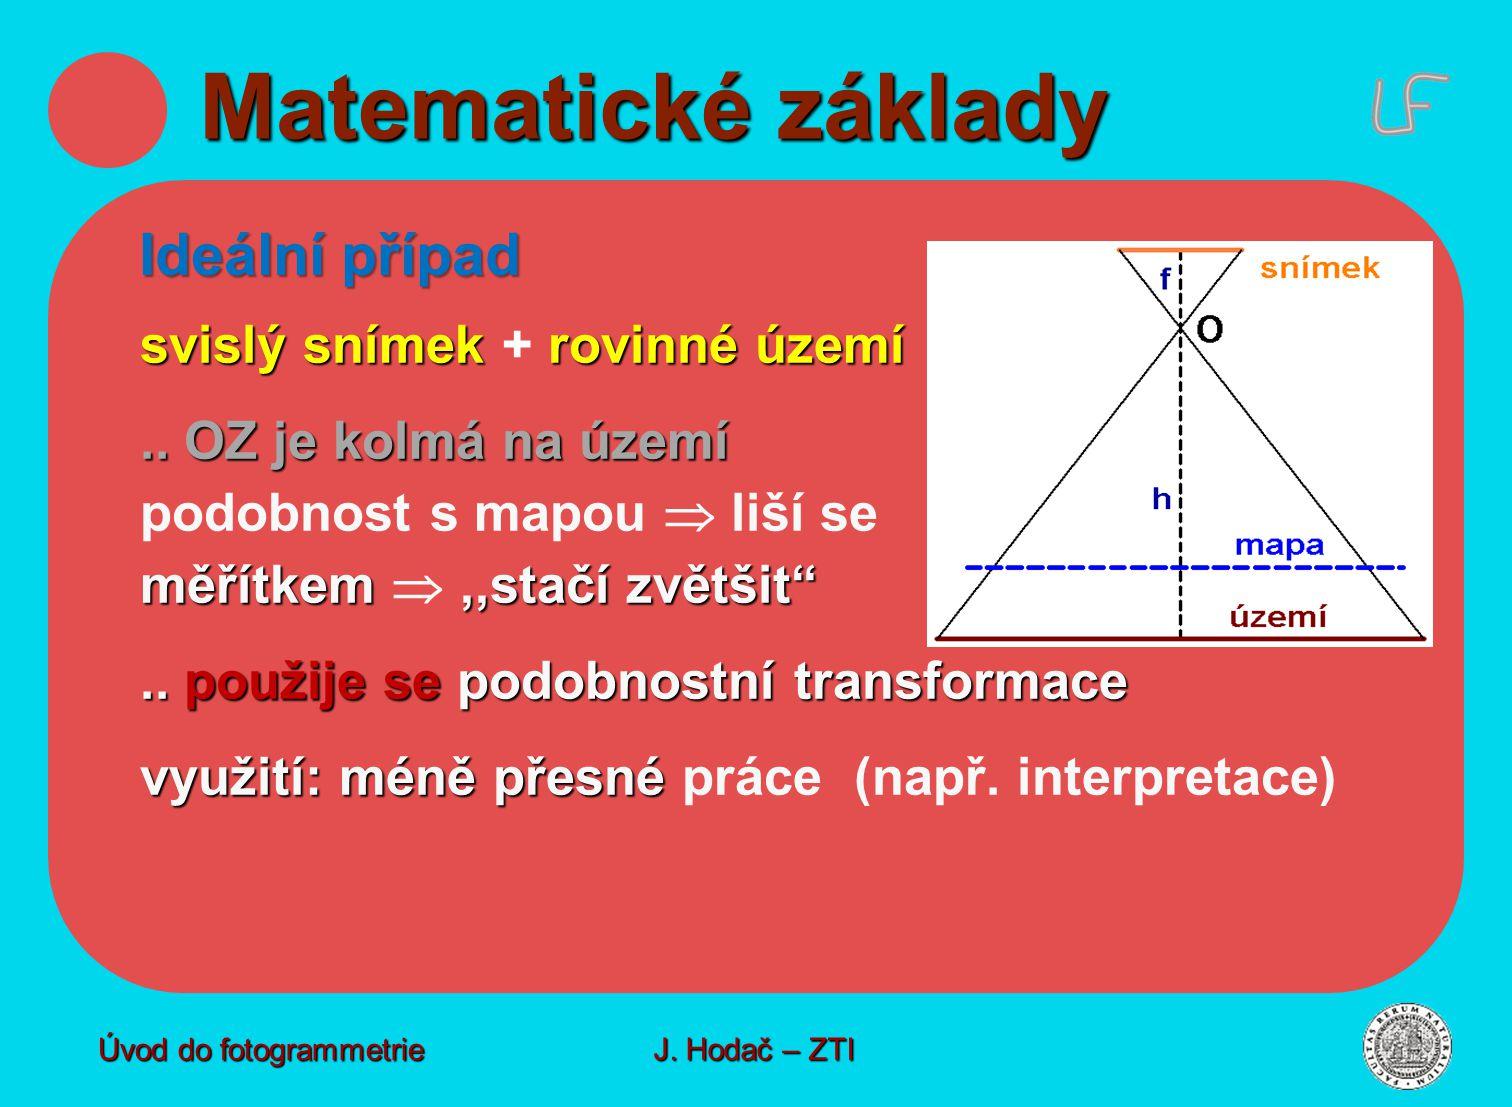 Matematické základy Ideální případ svislý snímek + rovinné území